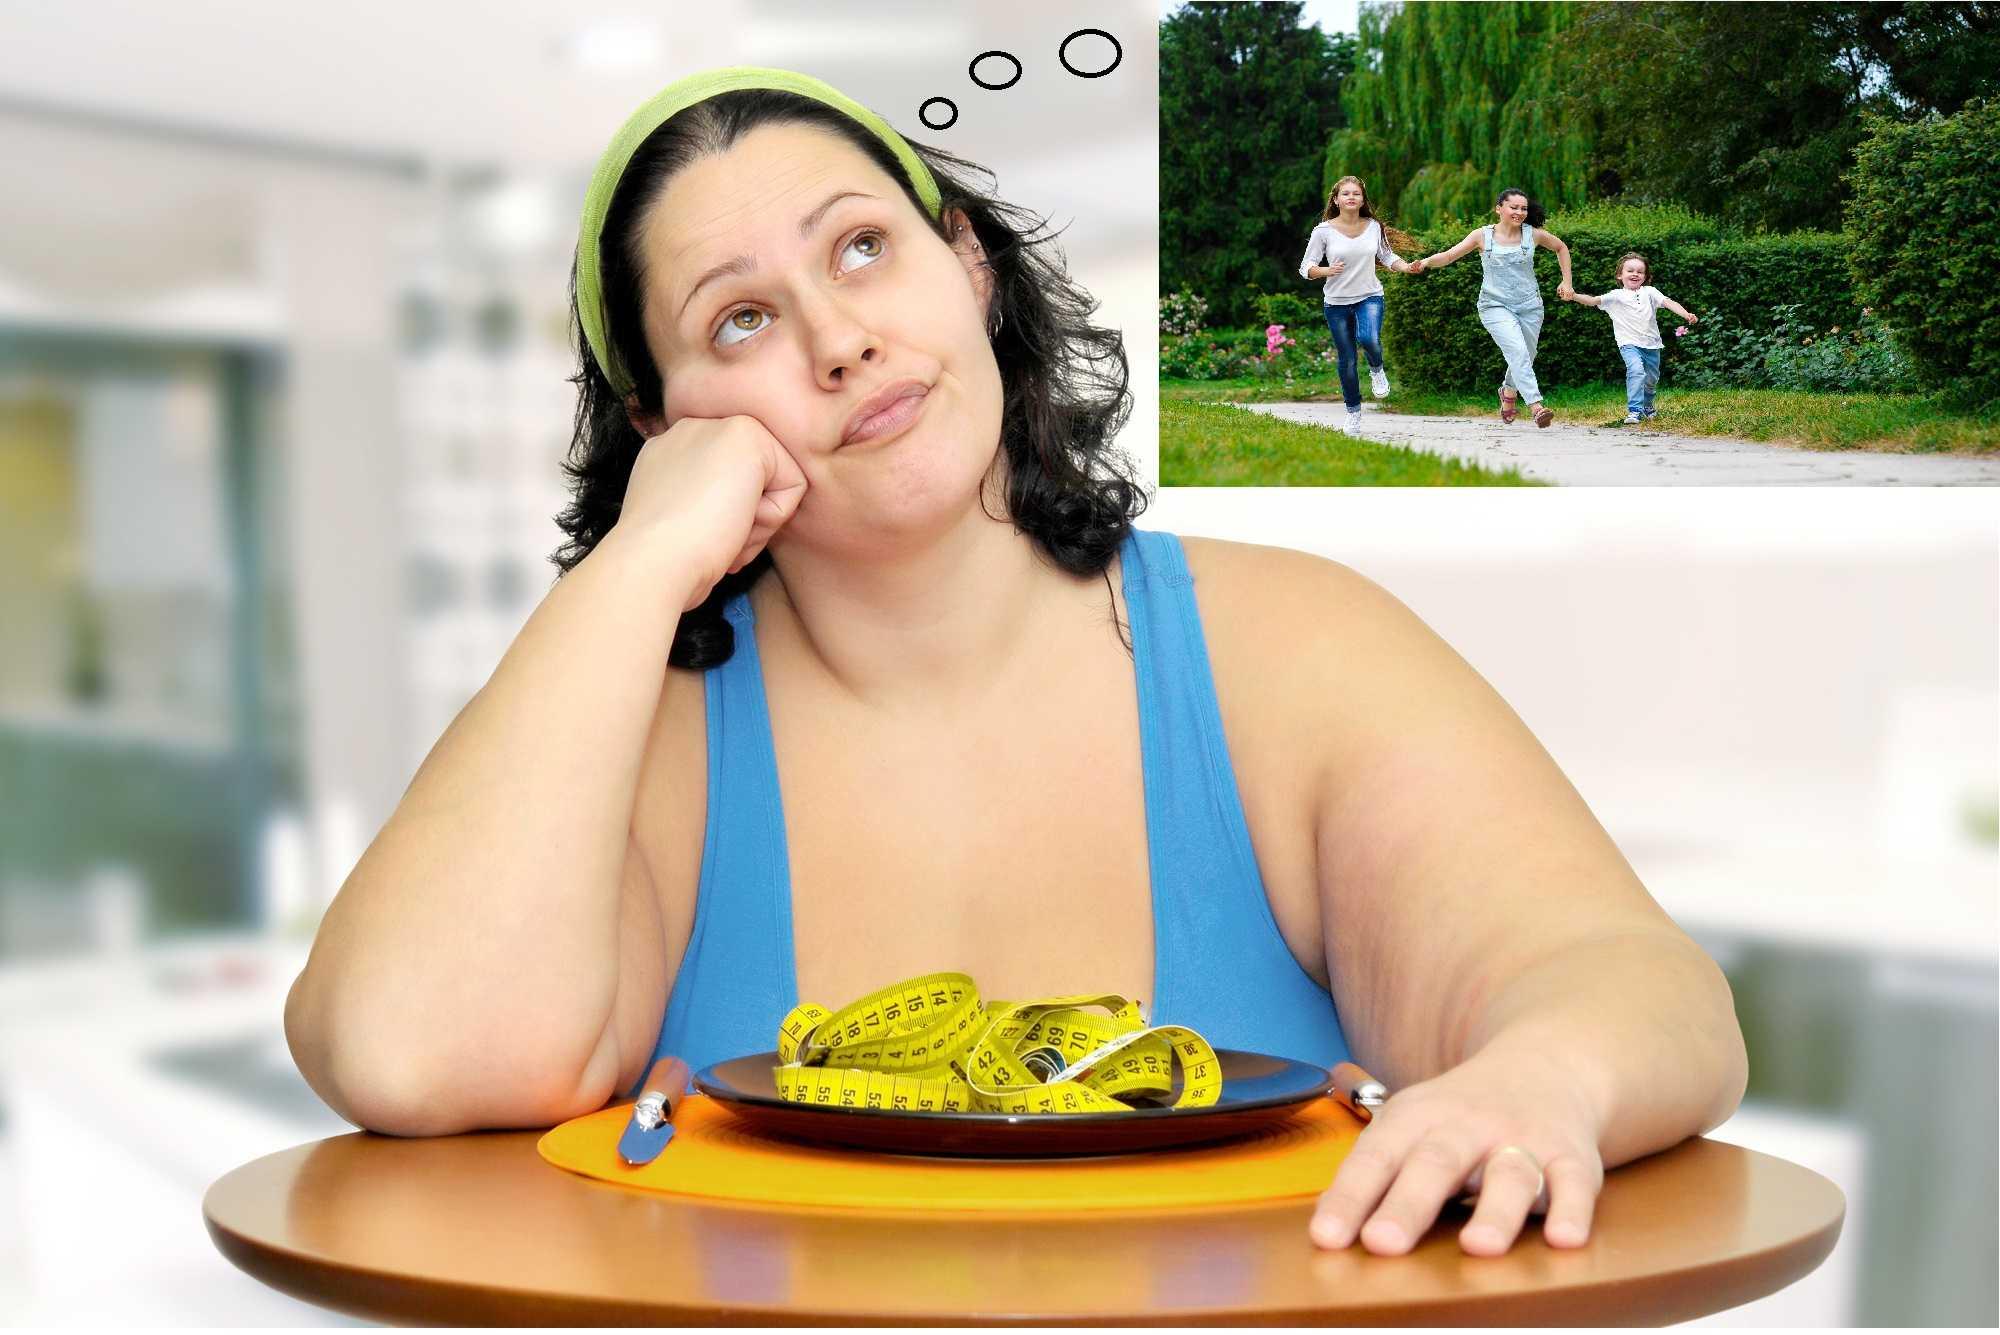 Не могу похудеть, что делать Почему не получается похудеть и что с этим делать, виды диет для похудения